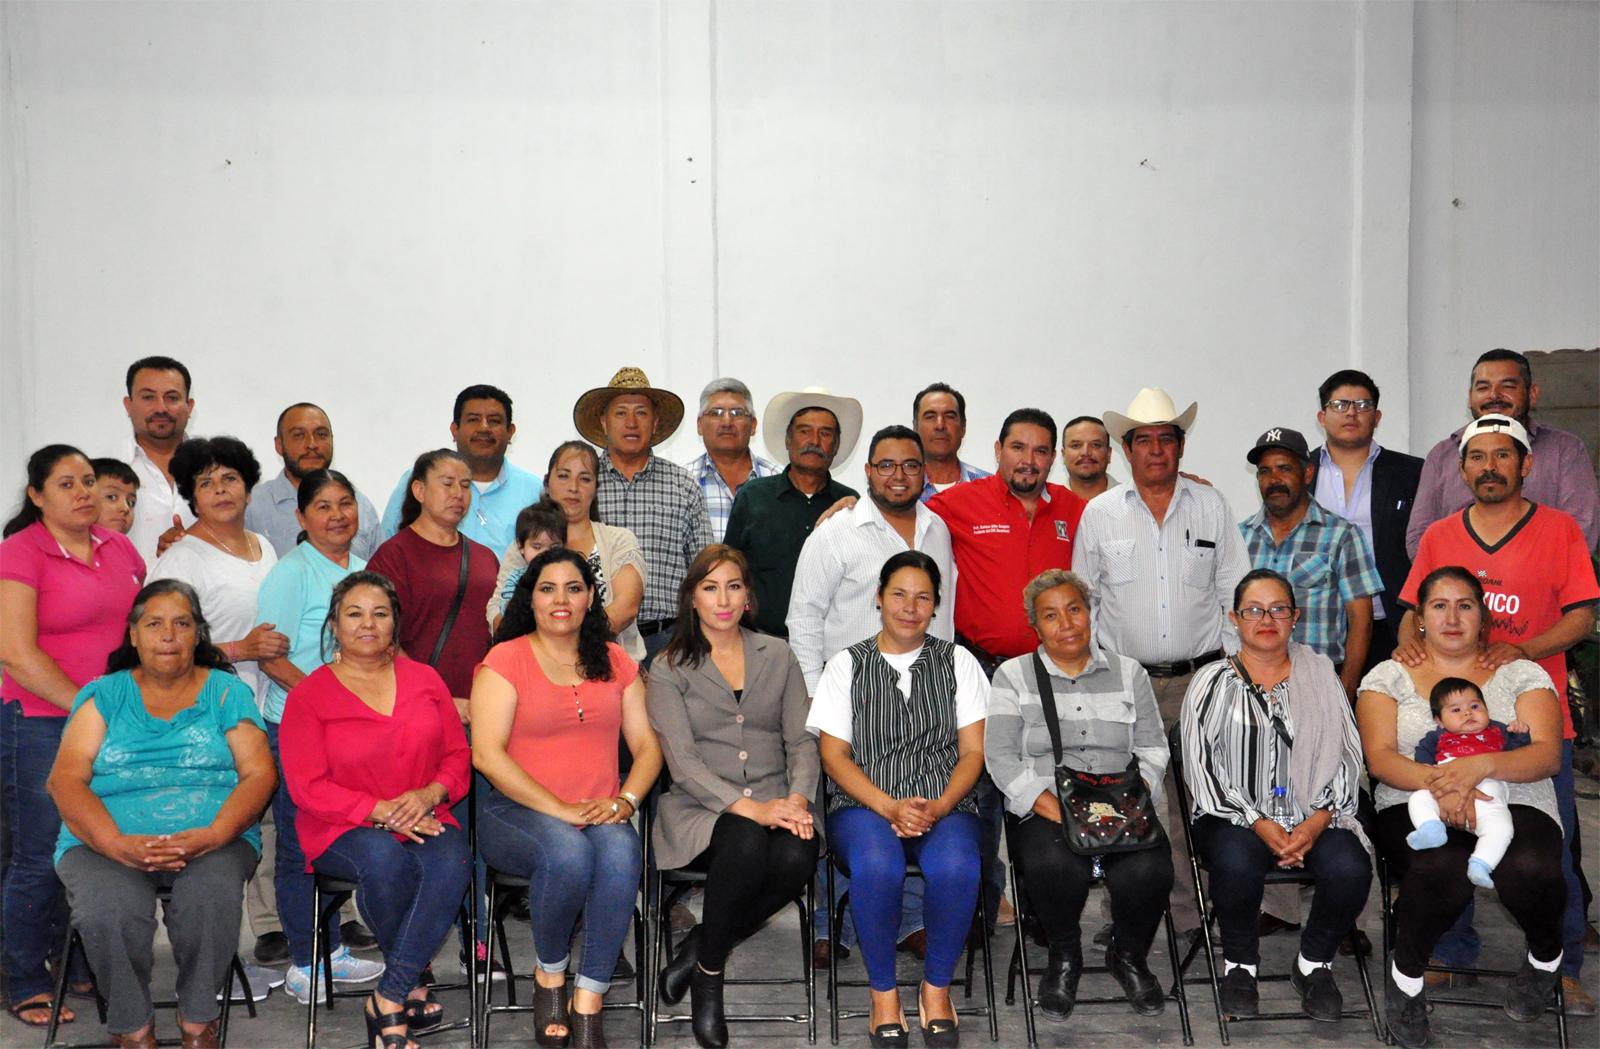 INICIA PRESIDENTE DEL PRI NUEVA GIRA DE LA UNIDAD POR LOS 58 MUNICIPIOS